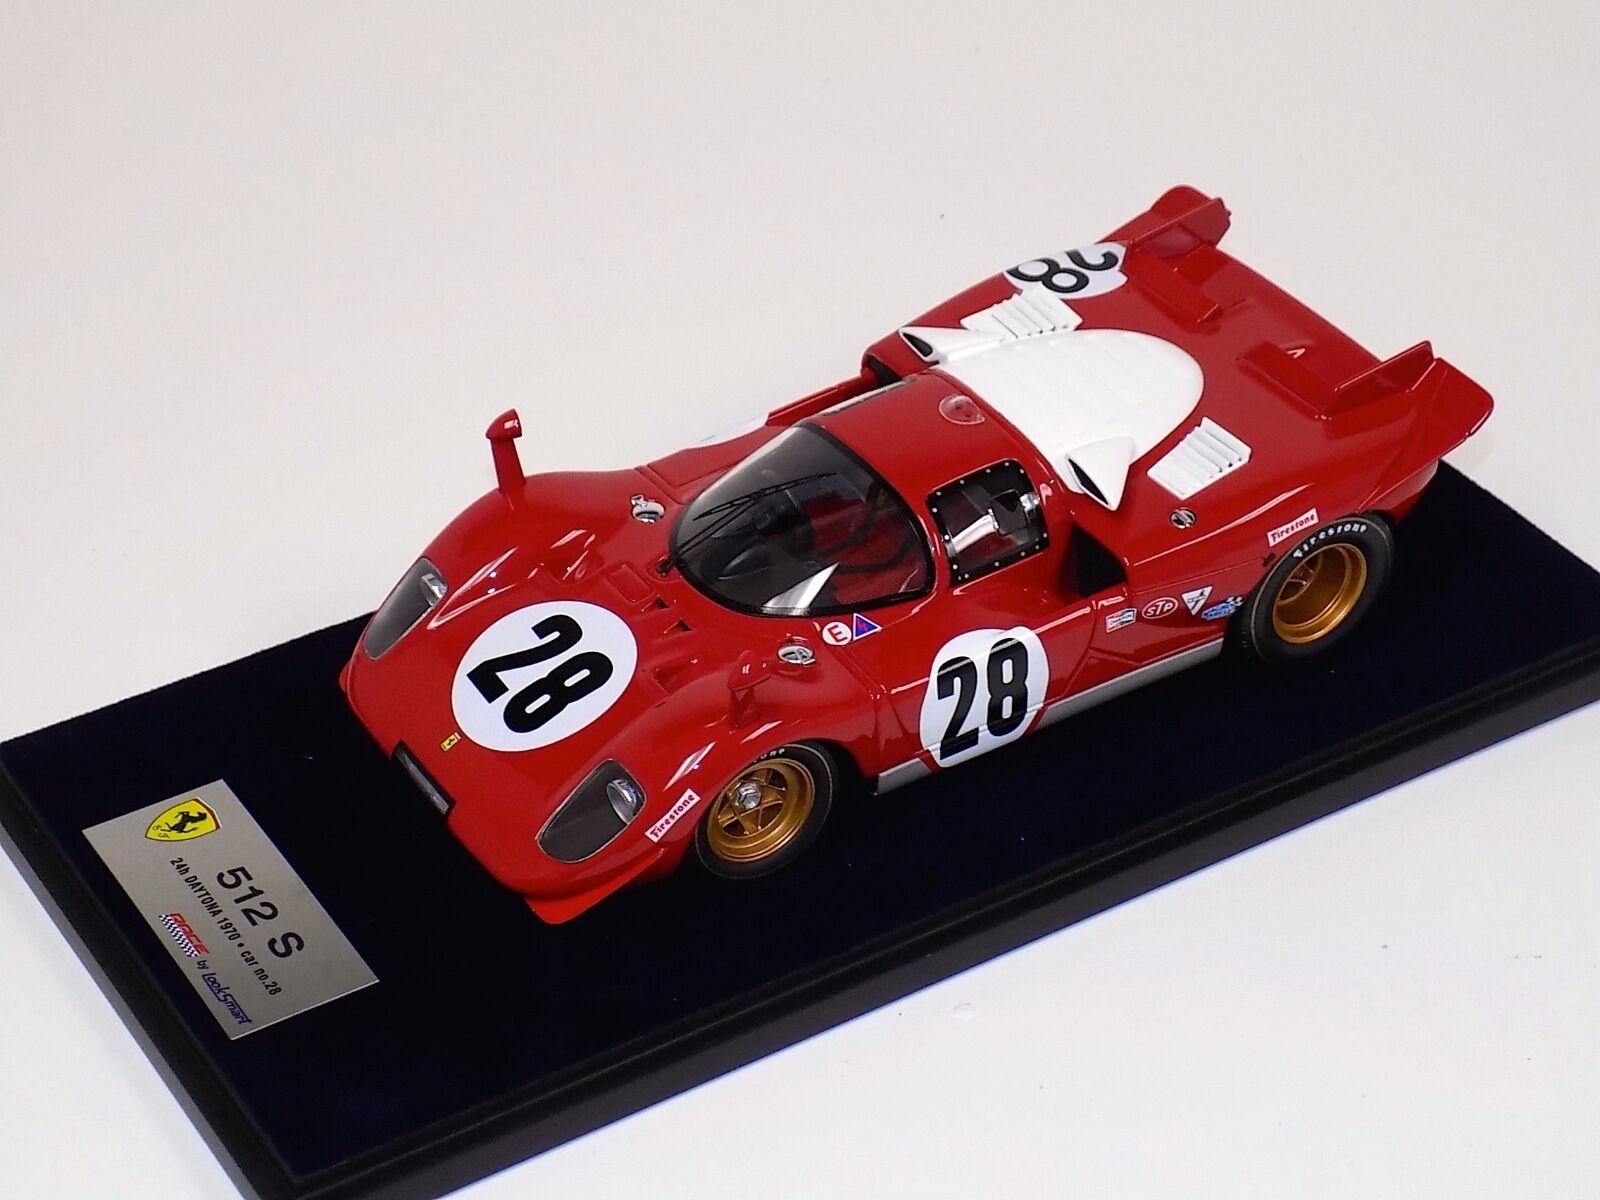 1 18 Looksmart Ferrar 512 S 24H Daytona 1970 car  28 Scuderia Ferrari